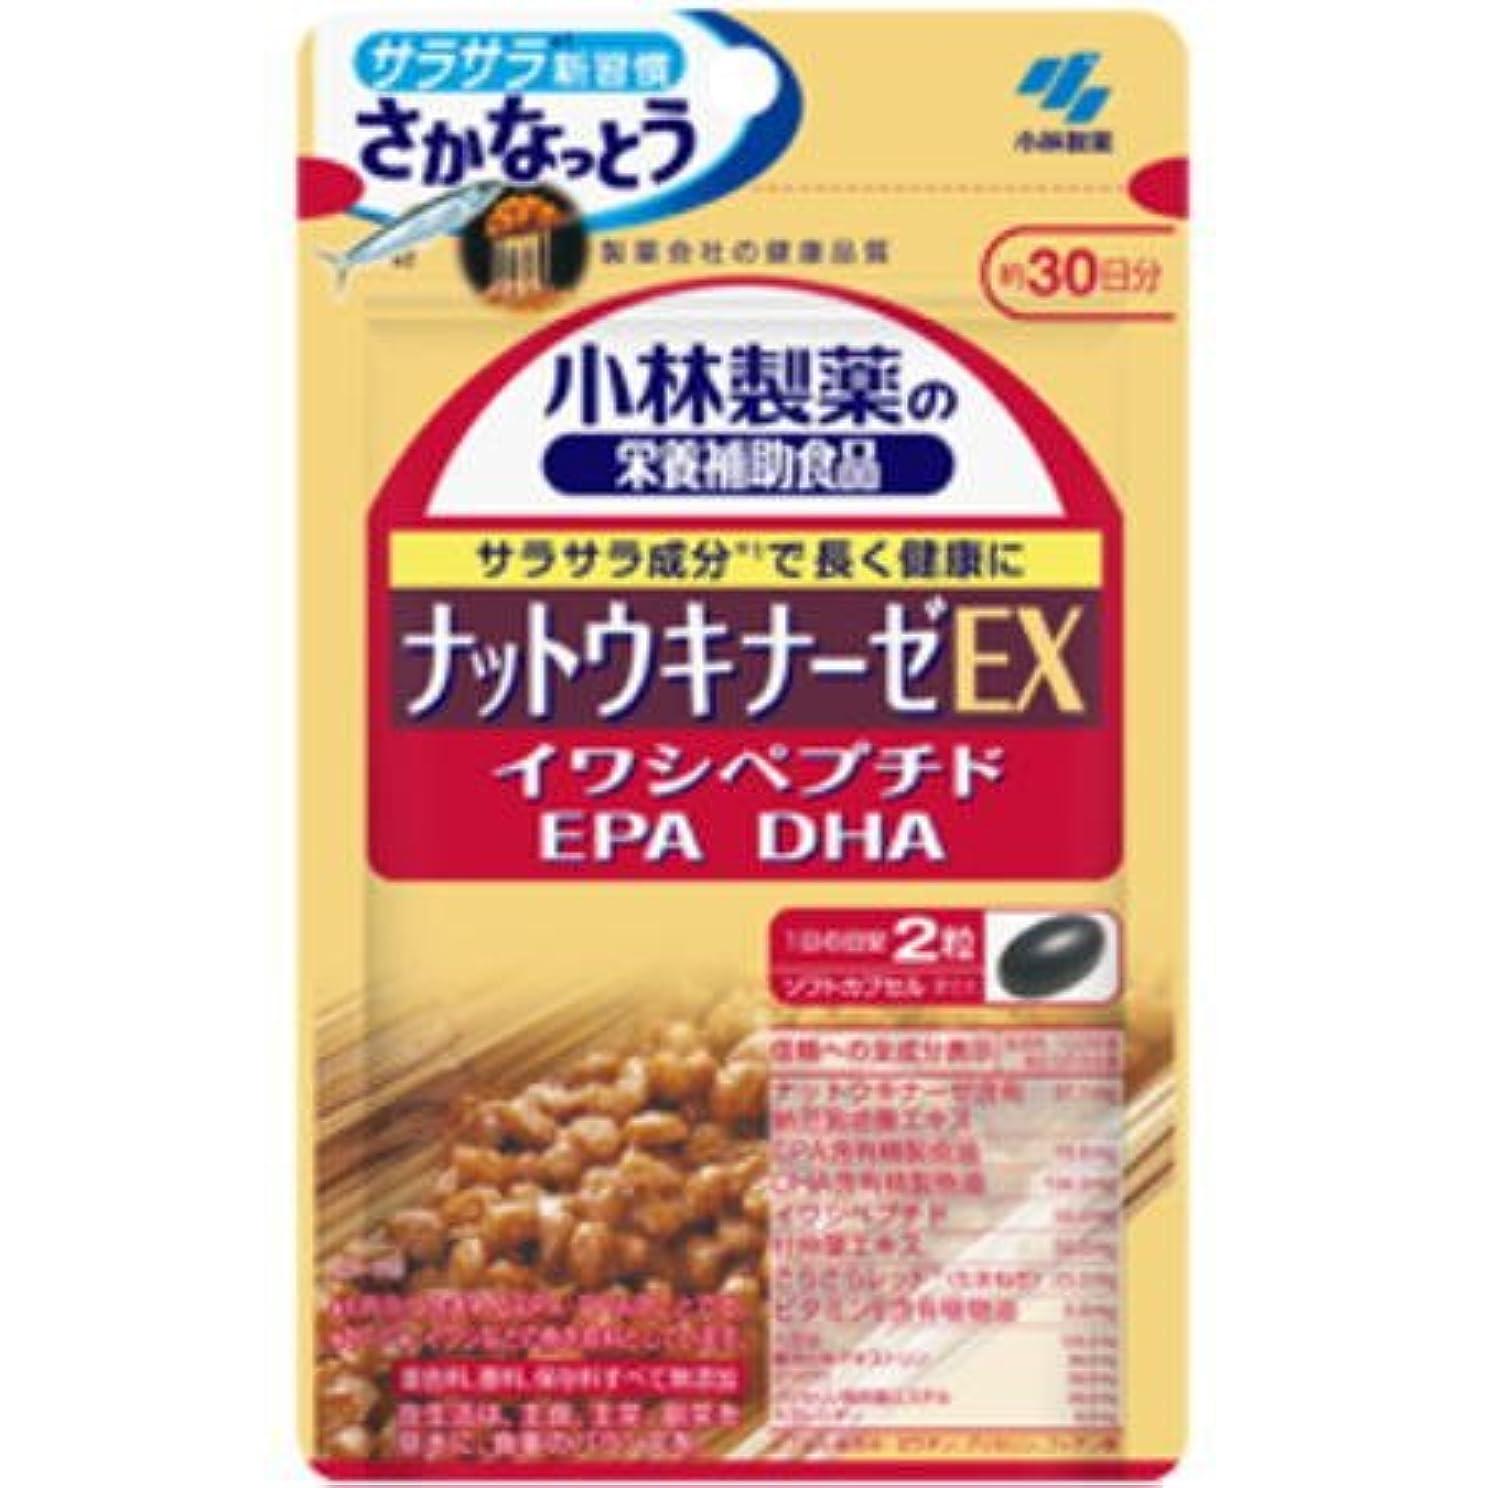 見分けるヘルパー補足小林製薬 ナットウキナーゼ EX 60粒【ネコポス発送】